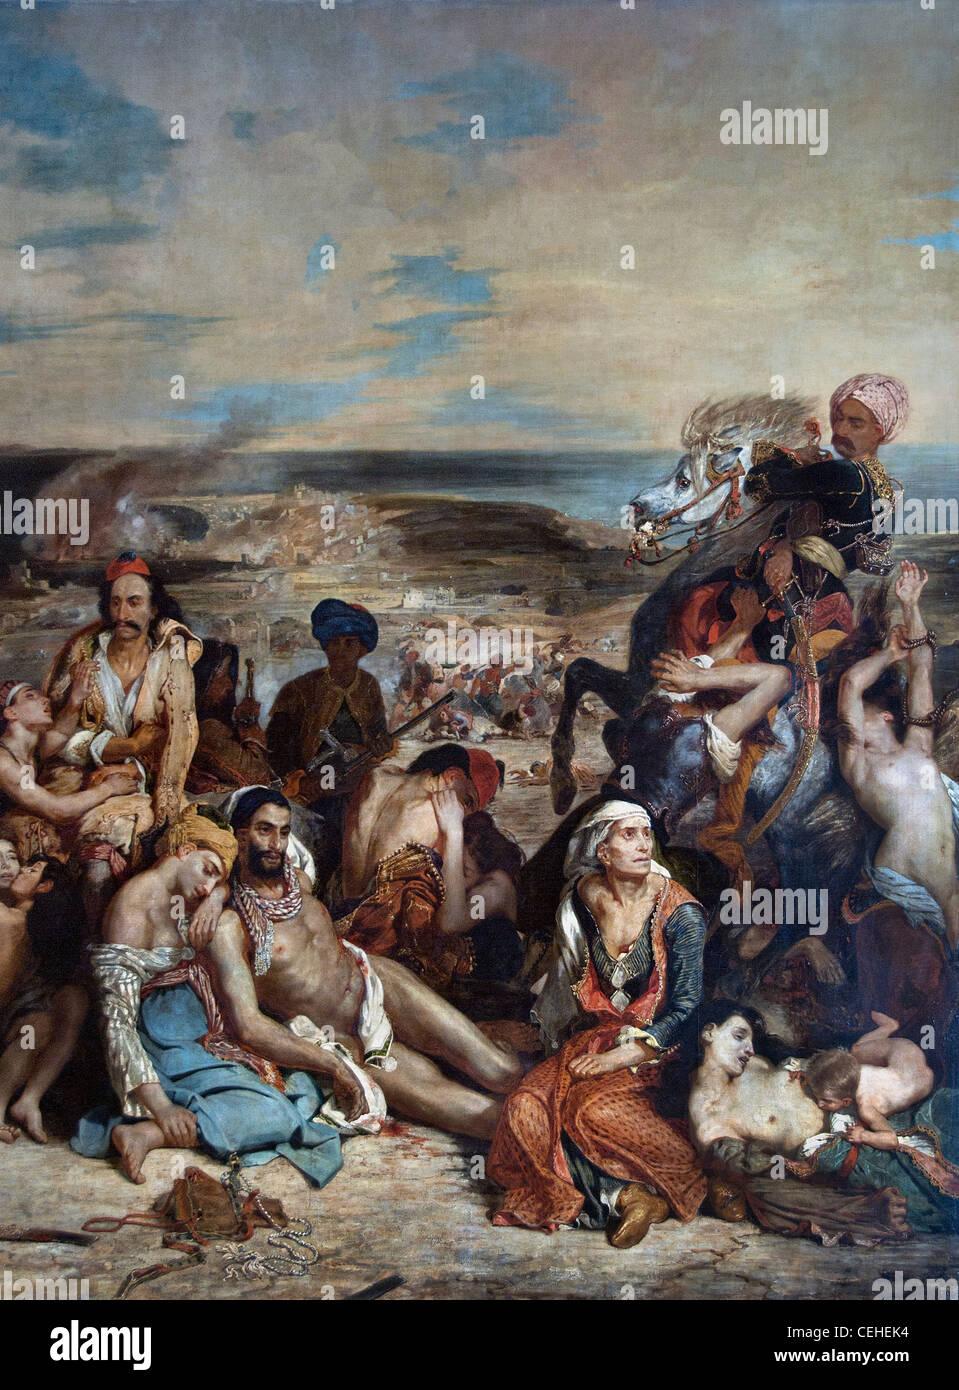 The Massacre at Chios  Scène des massacres de Scio 1824 Eugène Delacroix - Stock Image